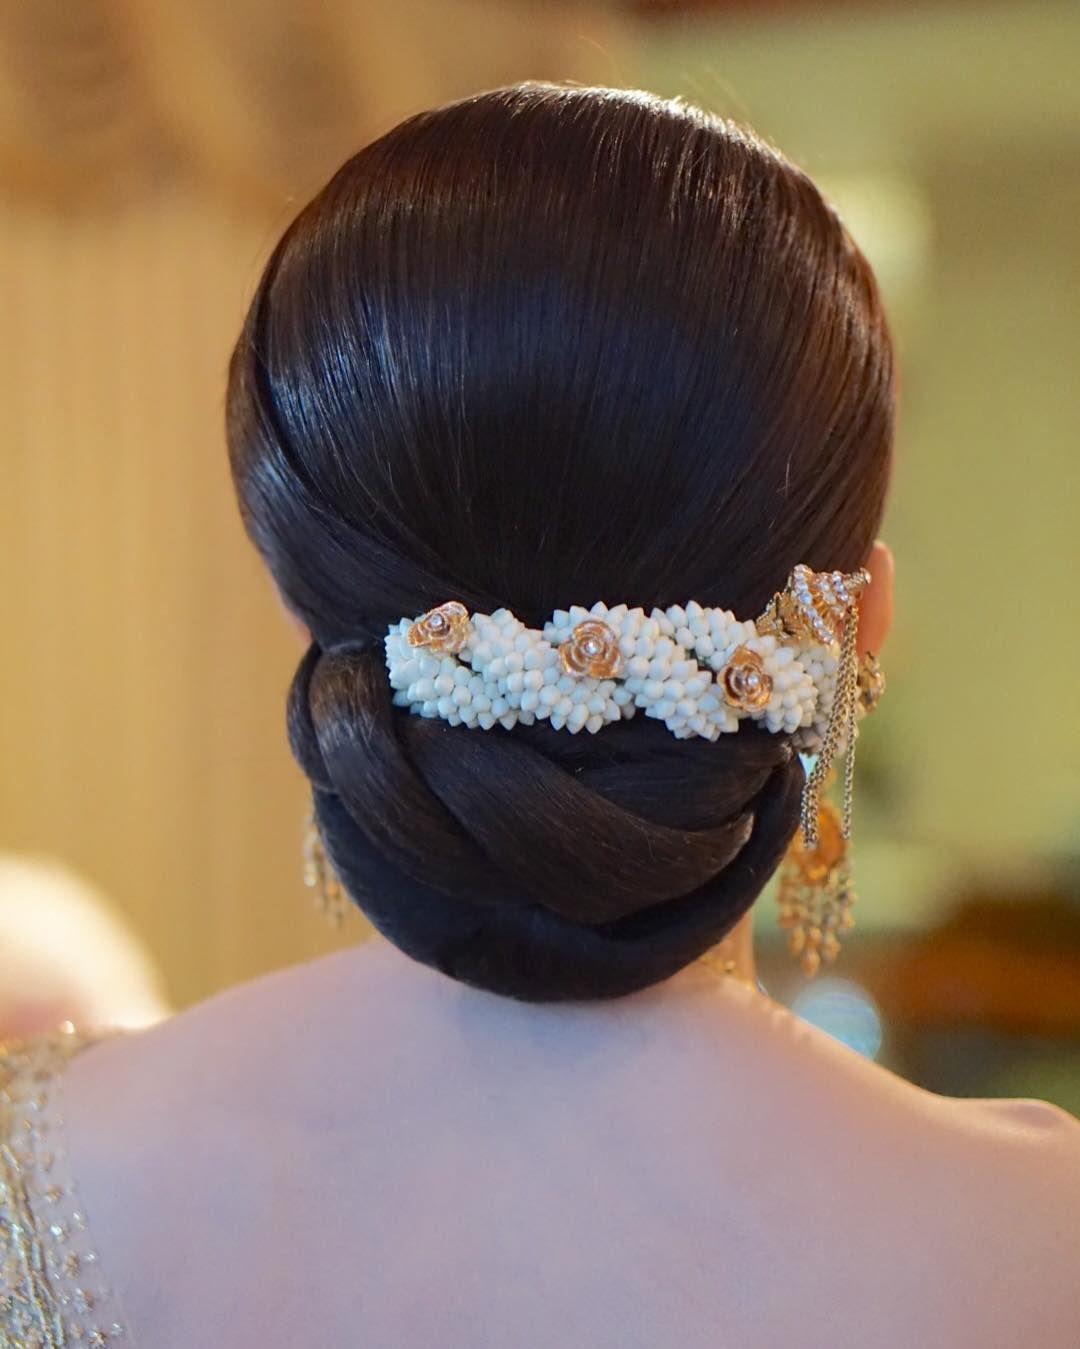 ถ กใจ 103 คน ความค ดเห น 1 รายการ Line Nut Apipoo Nut Apipoo บน Instagram Hair By Me Nut Apipoo Hair H Bridal Hair Buns Bun Hairstyles Hair Stylea